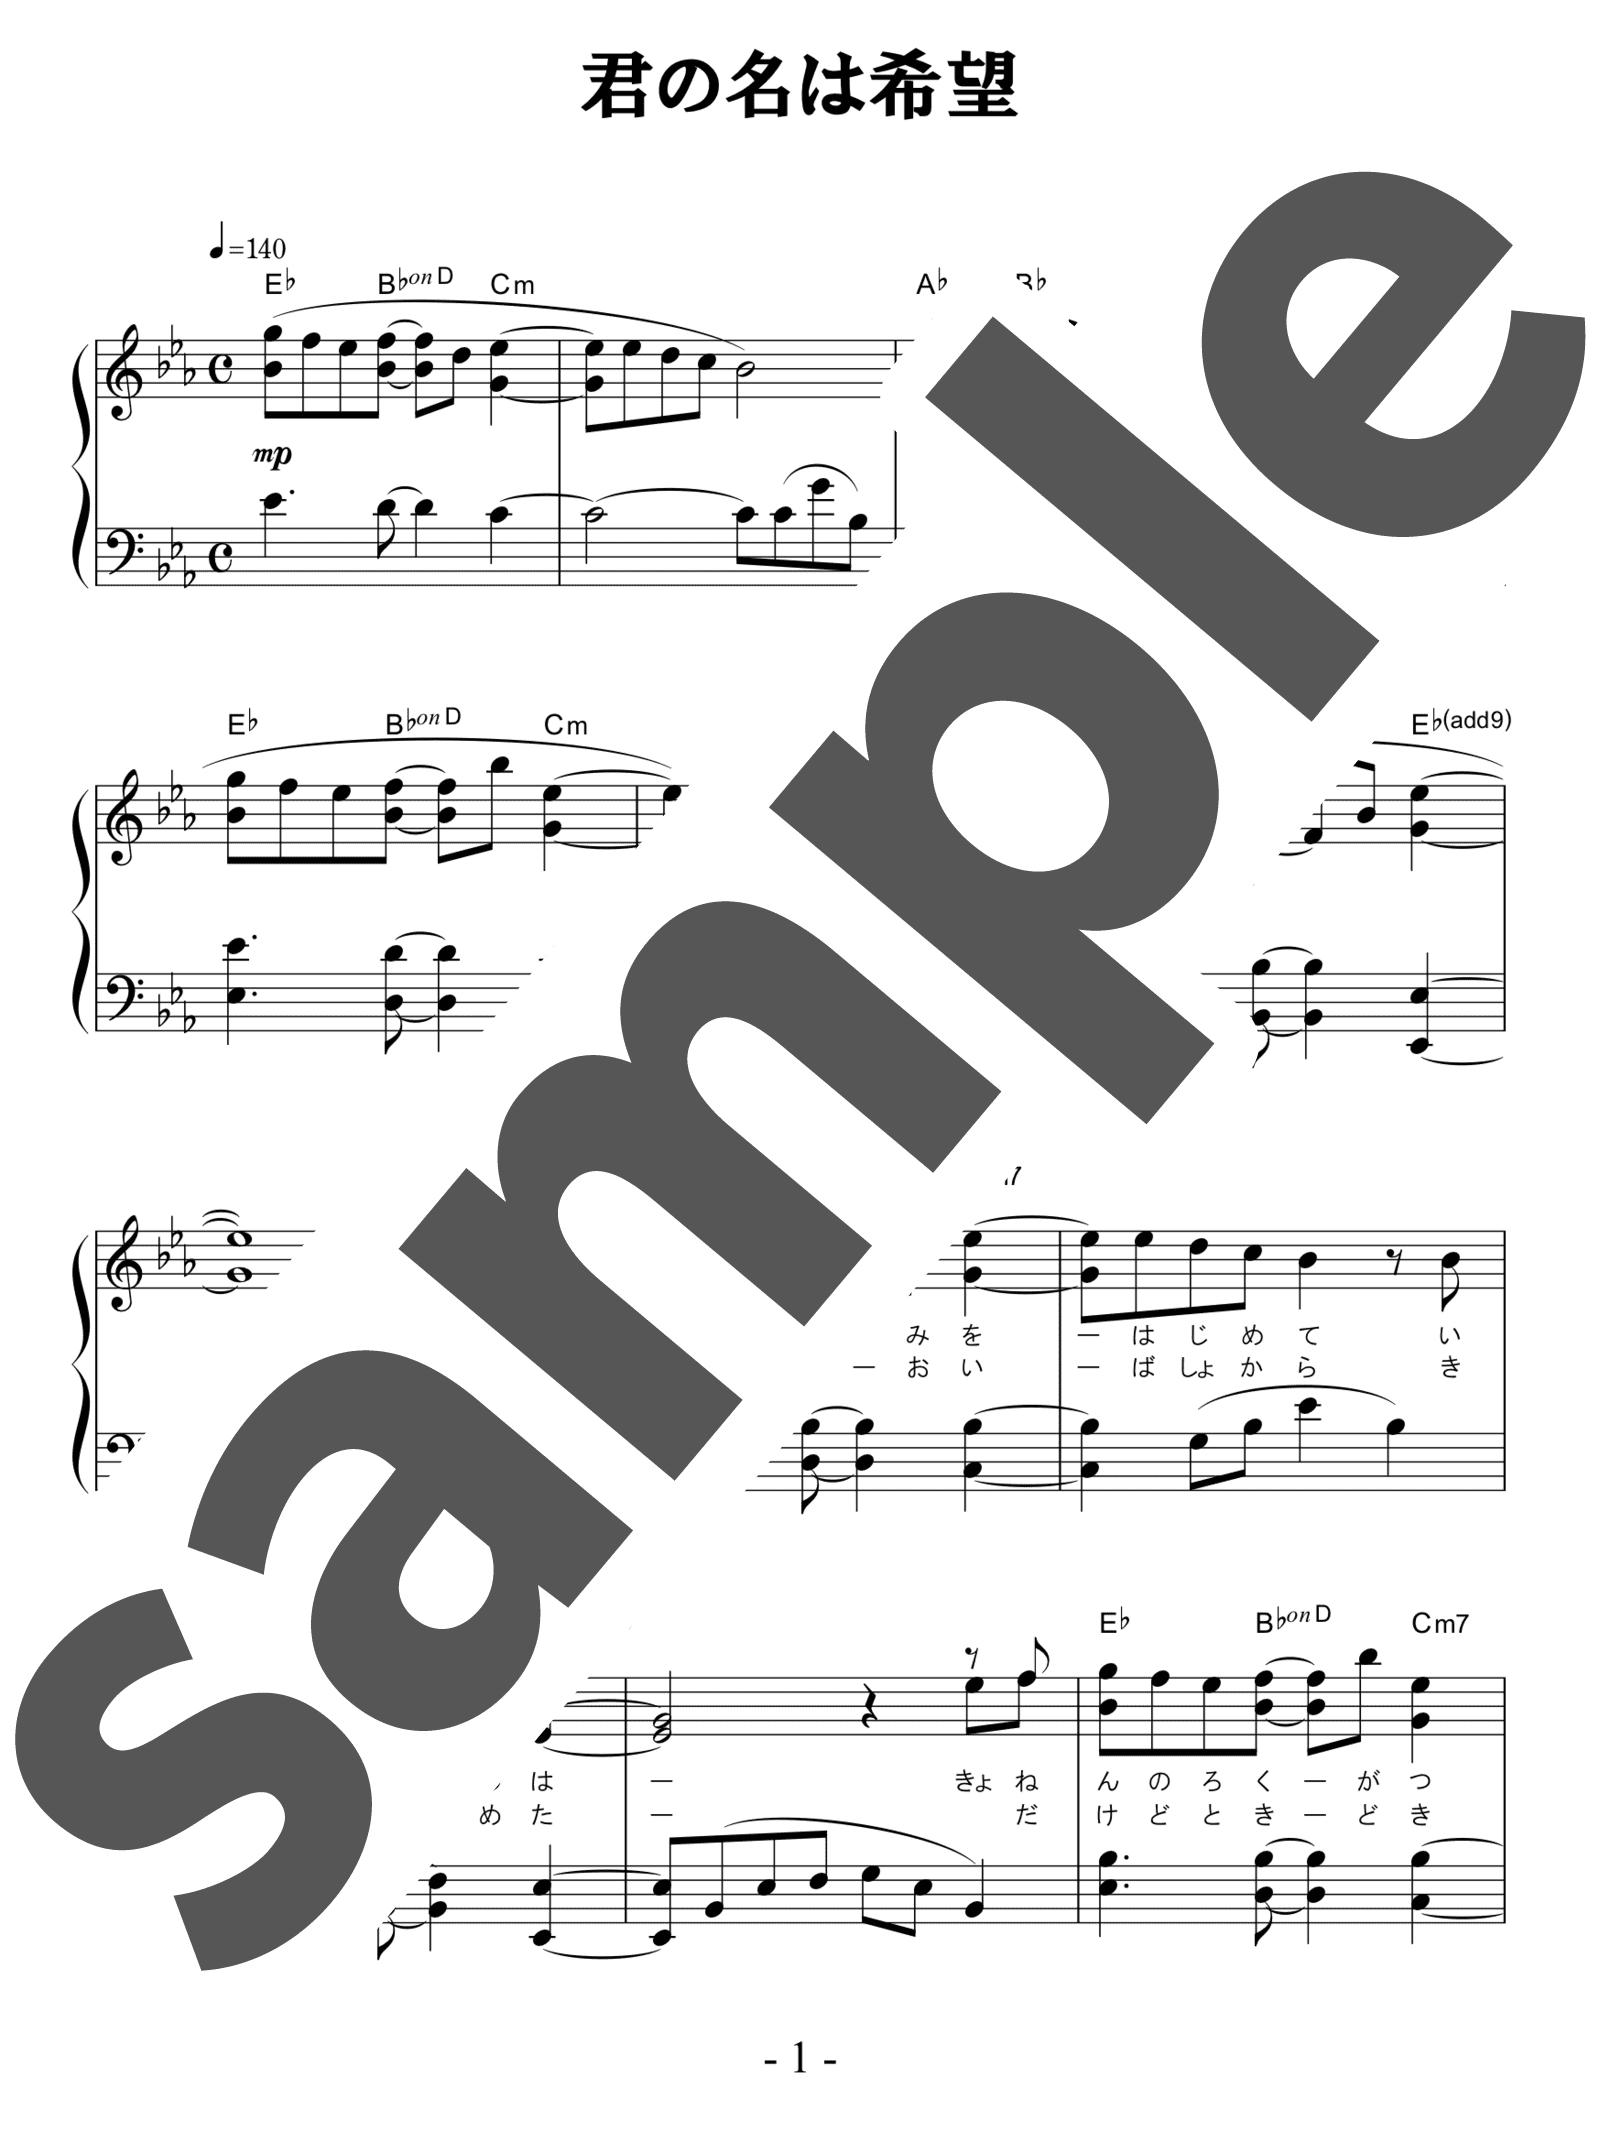 「君の名は希望」のサンプル楽譜